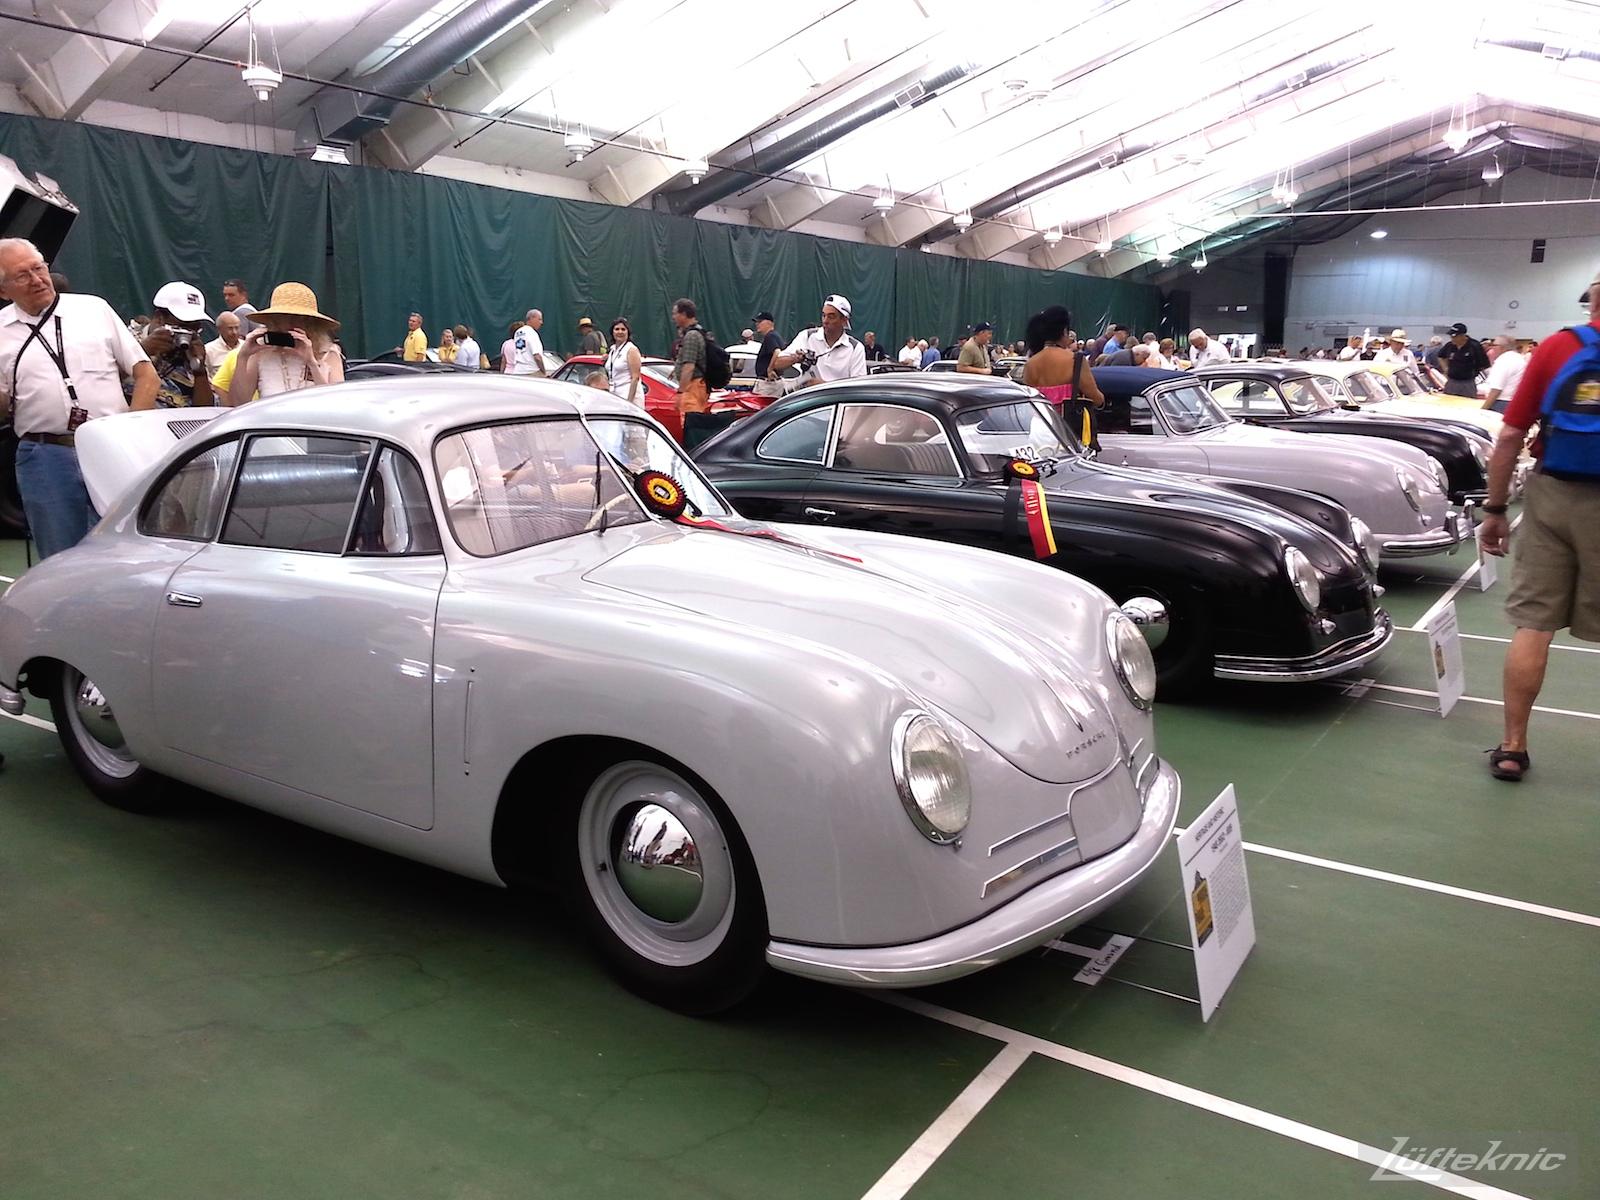 A line of Porsche 356 cars.